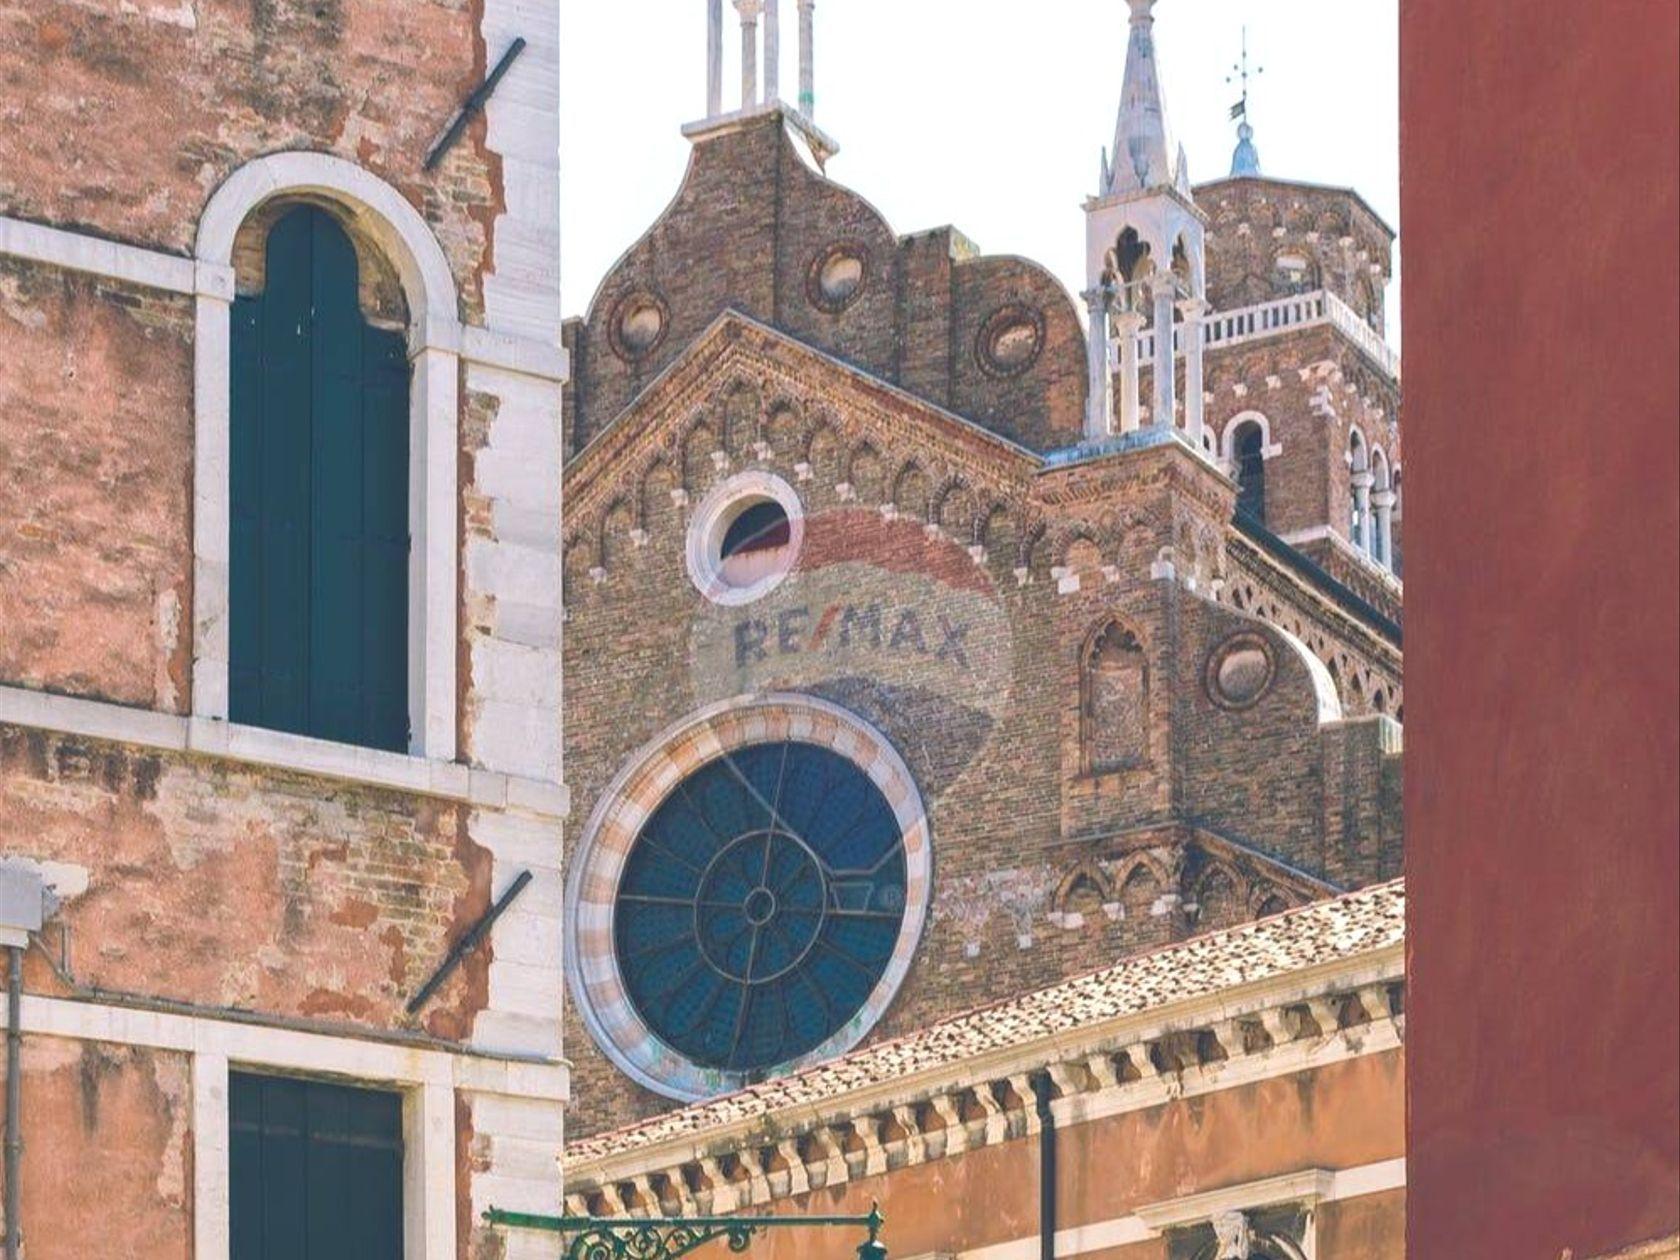 Attico/Mansarda San Polo, Venezia, VE Vendita